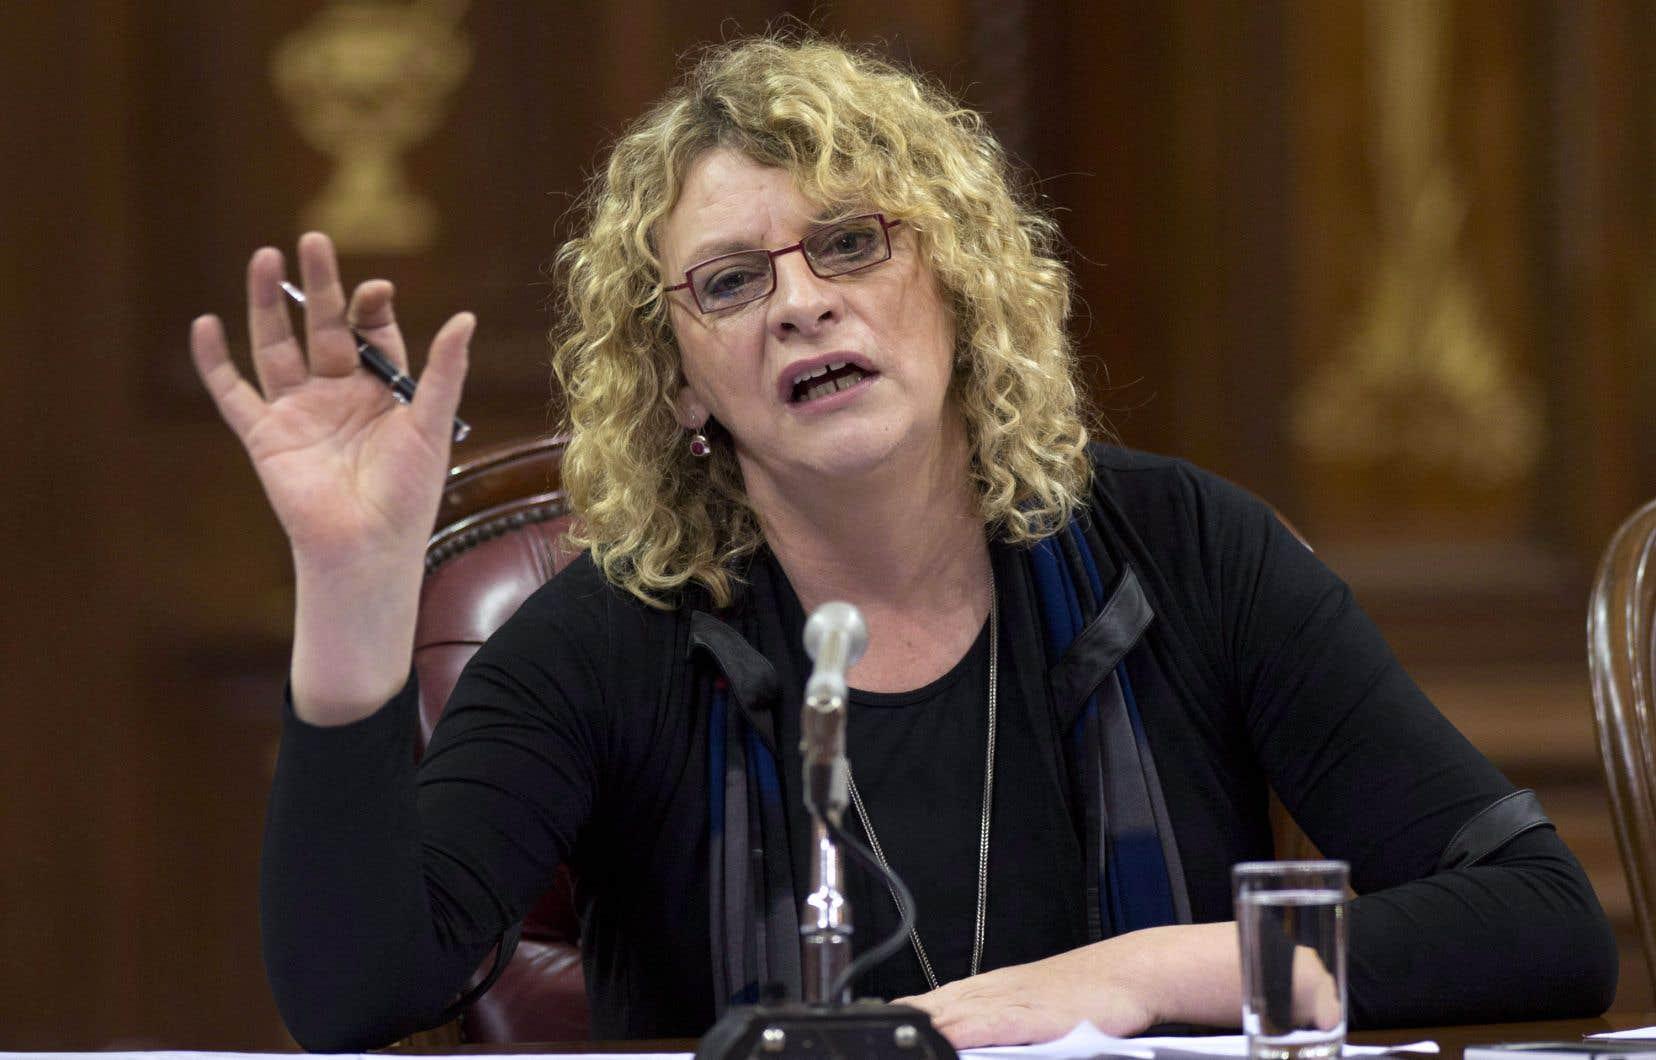 La candidate péquiste Michelle Blanc était visée par une mise en demeure après s'en être prise au blogueur et professeur de philosophie Xavier Camus.